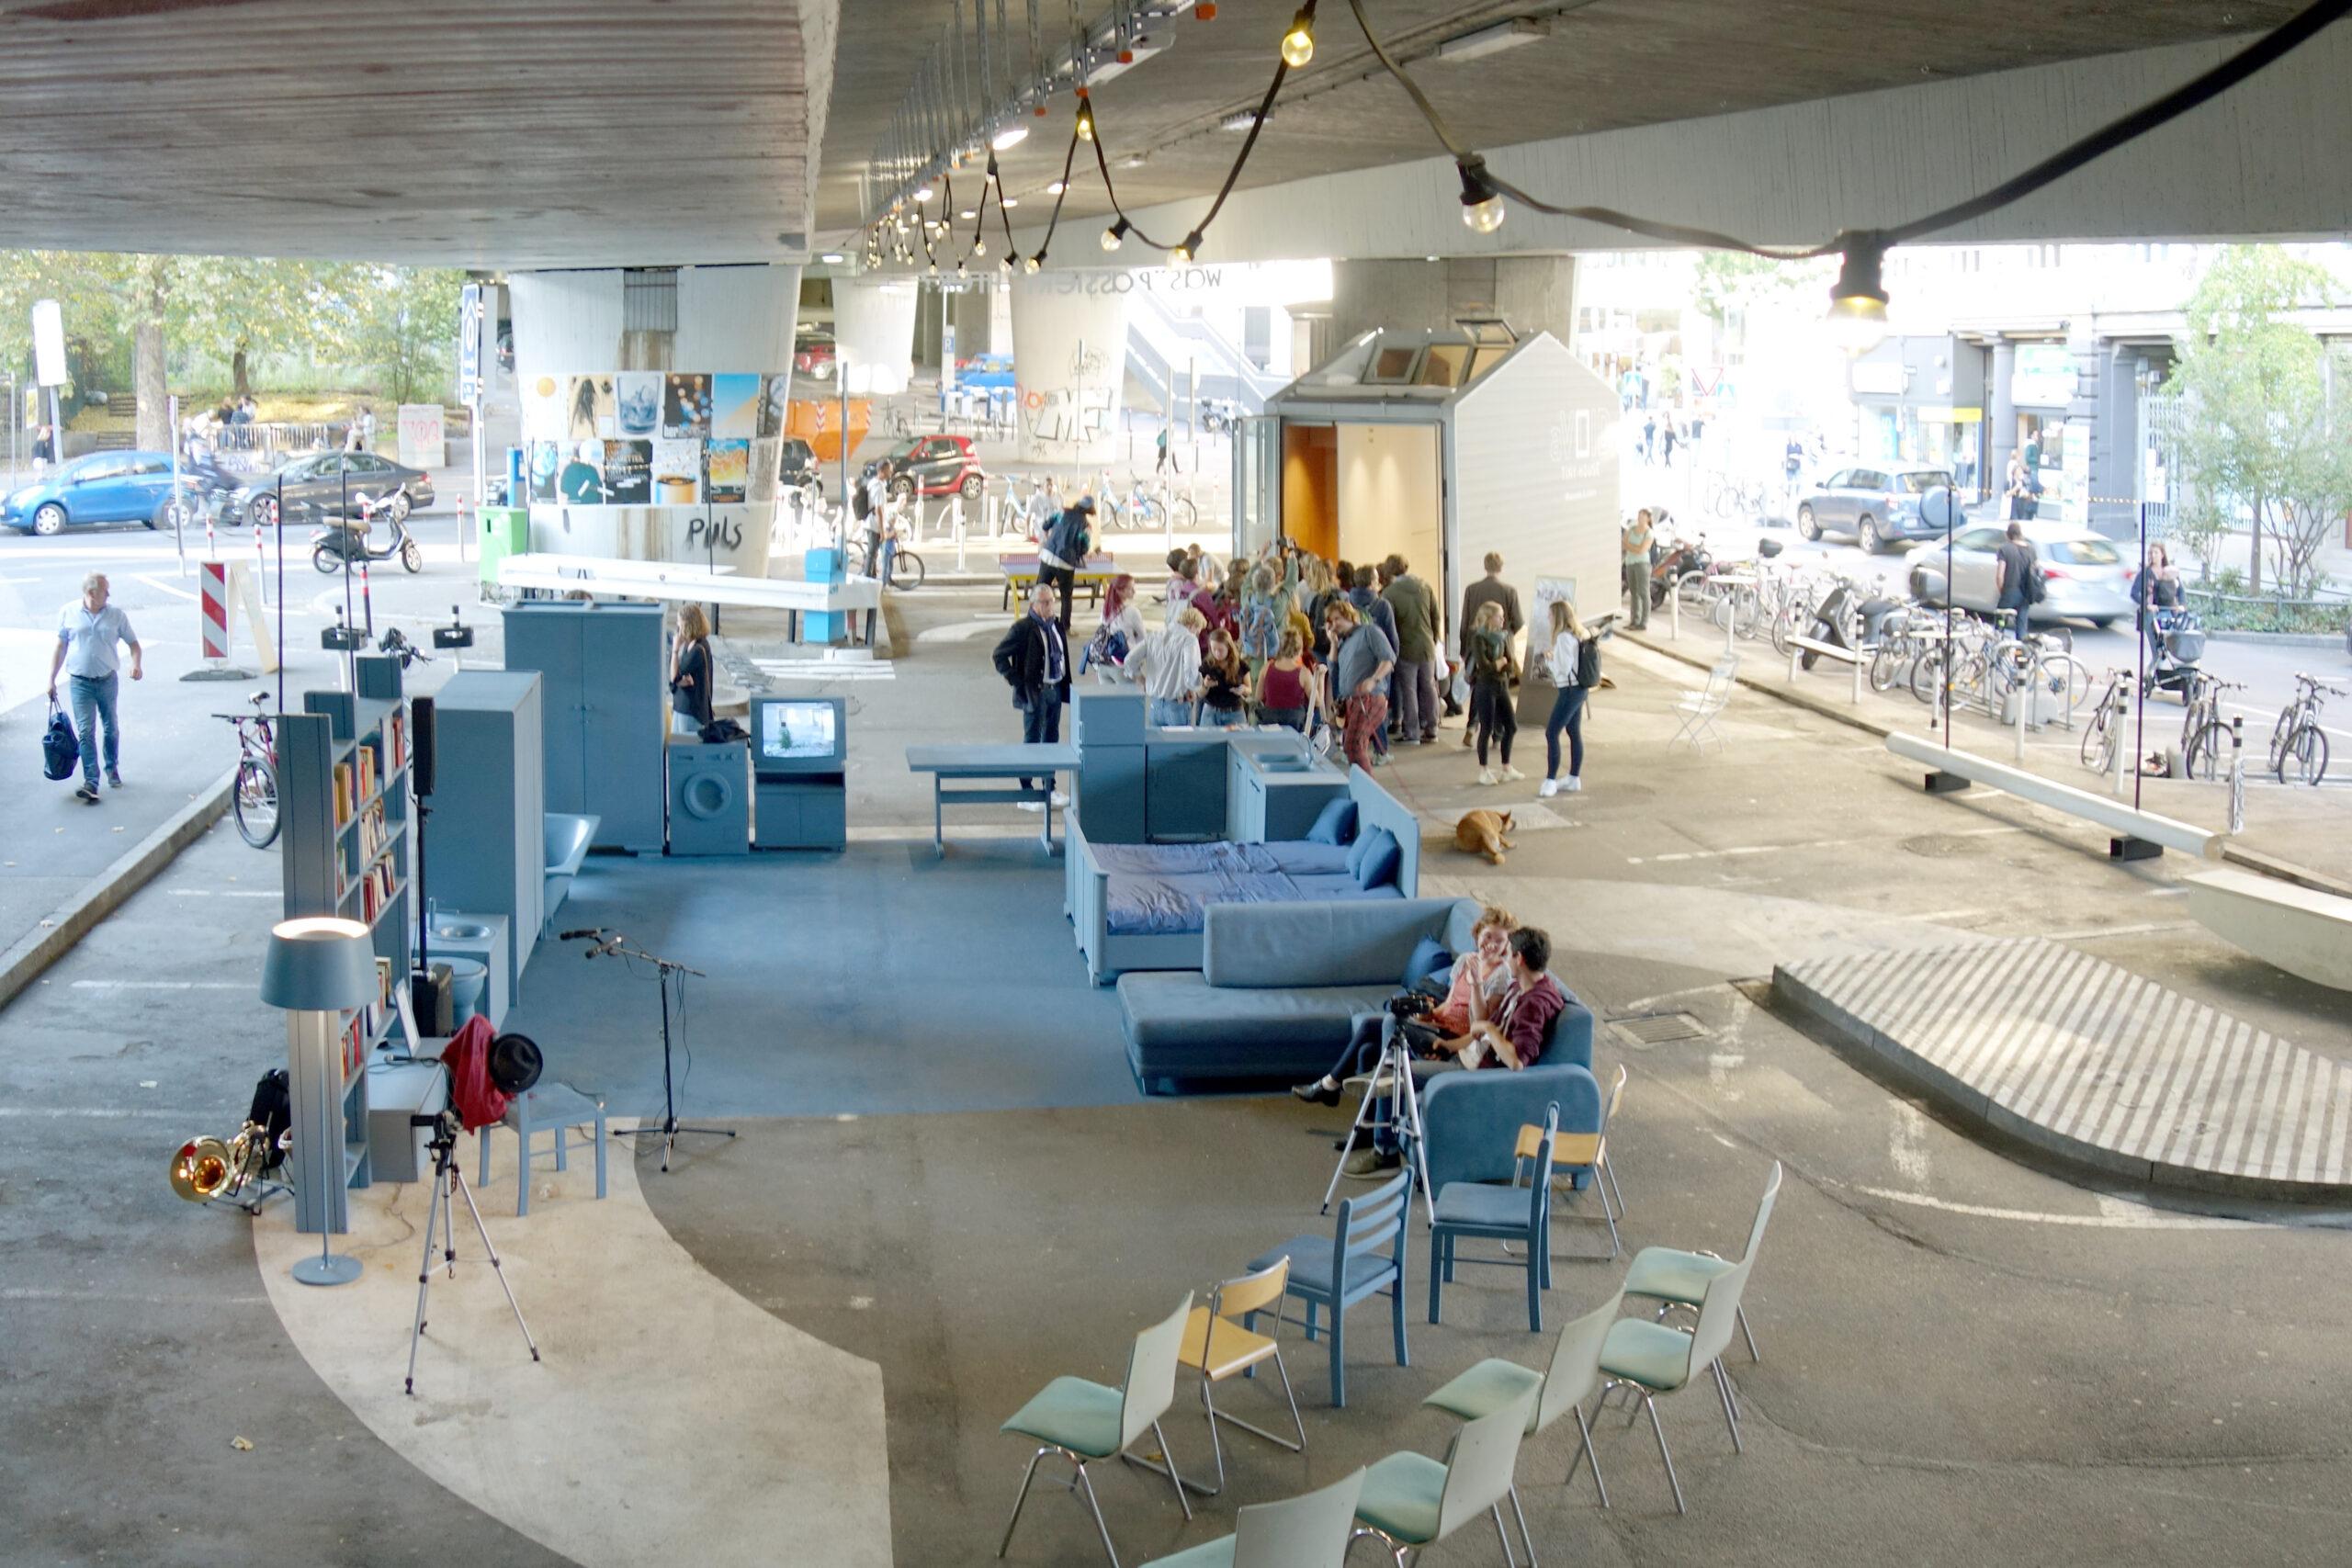 Sebastian Klawiter Urbanes Experimentierfeld Stuttgart Stadtlücken Österreichischer Platz Kooperativer Stadtraum Experiment Prozess Architektur